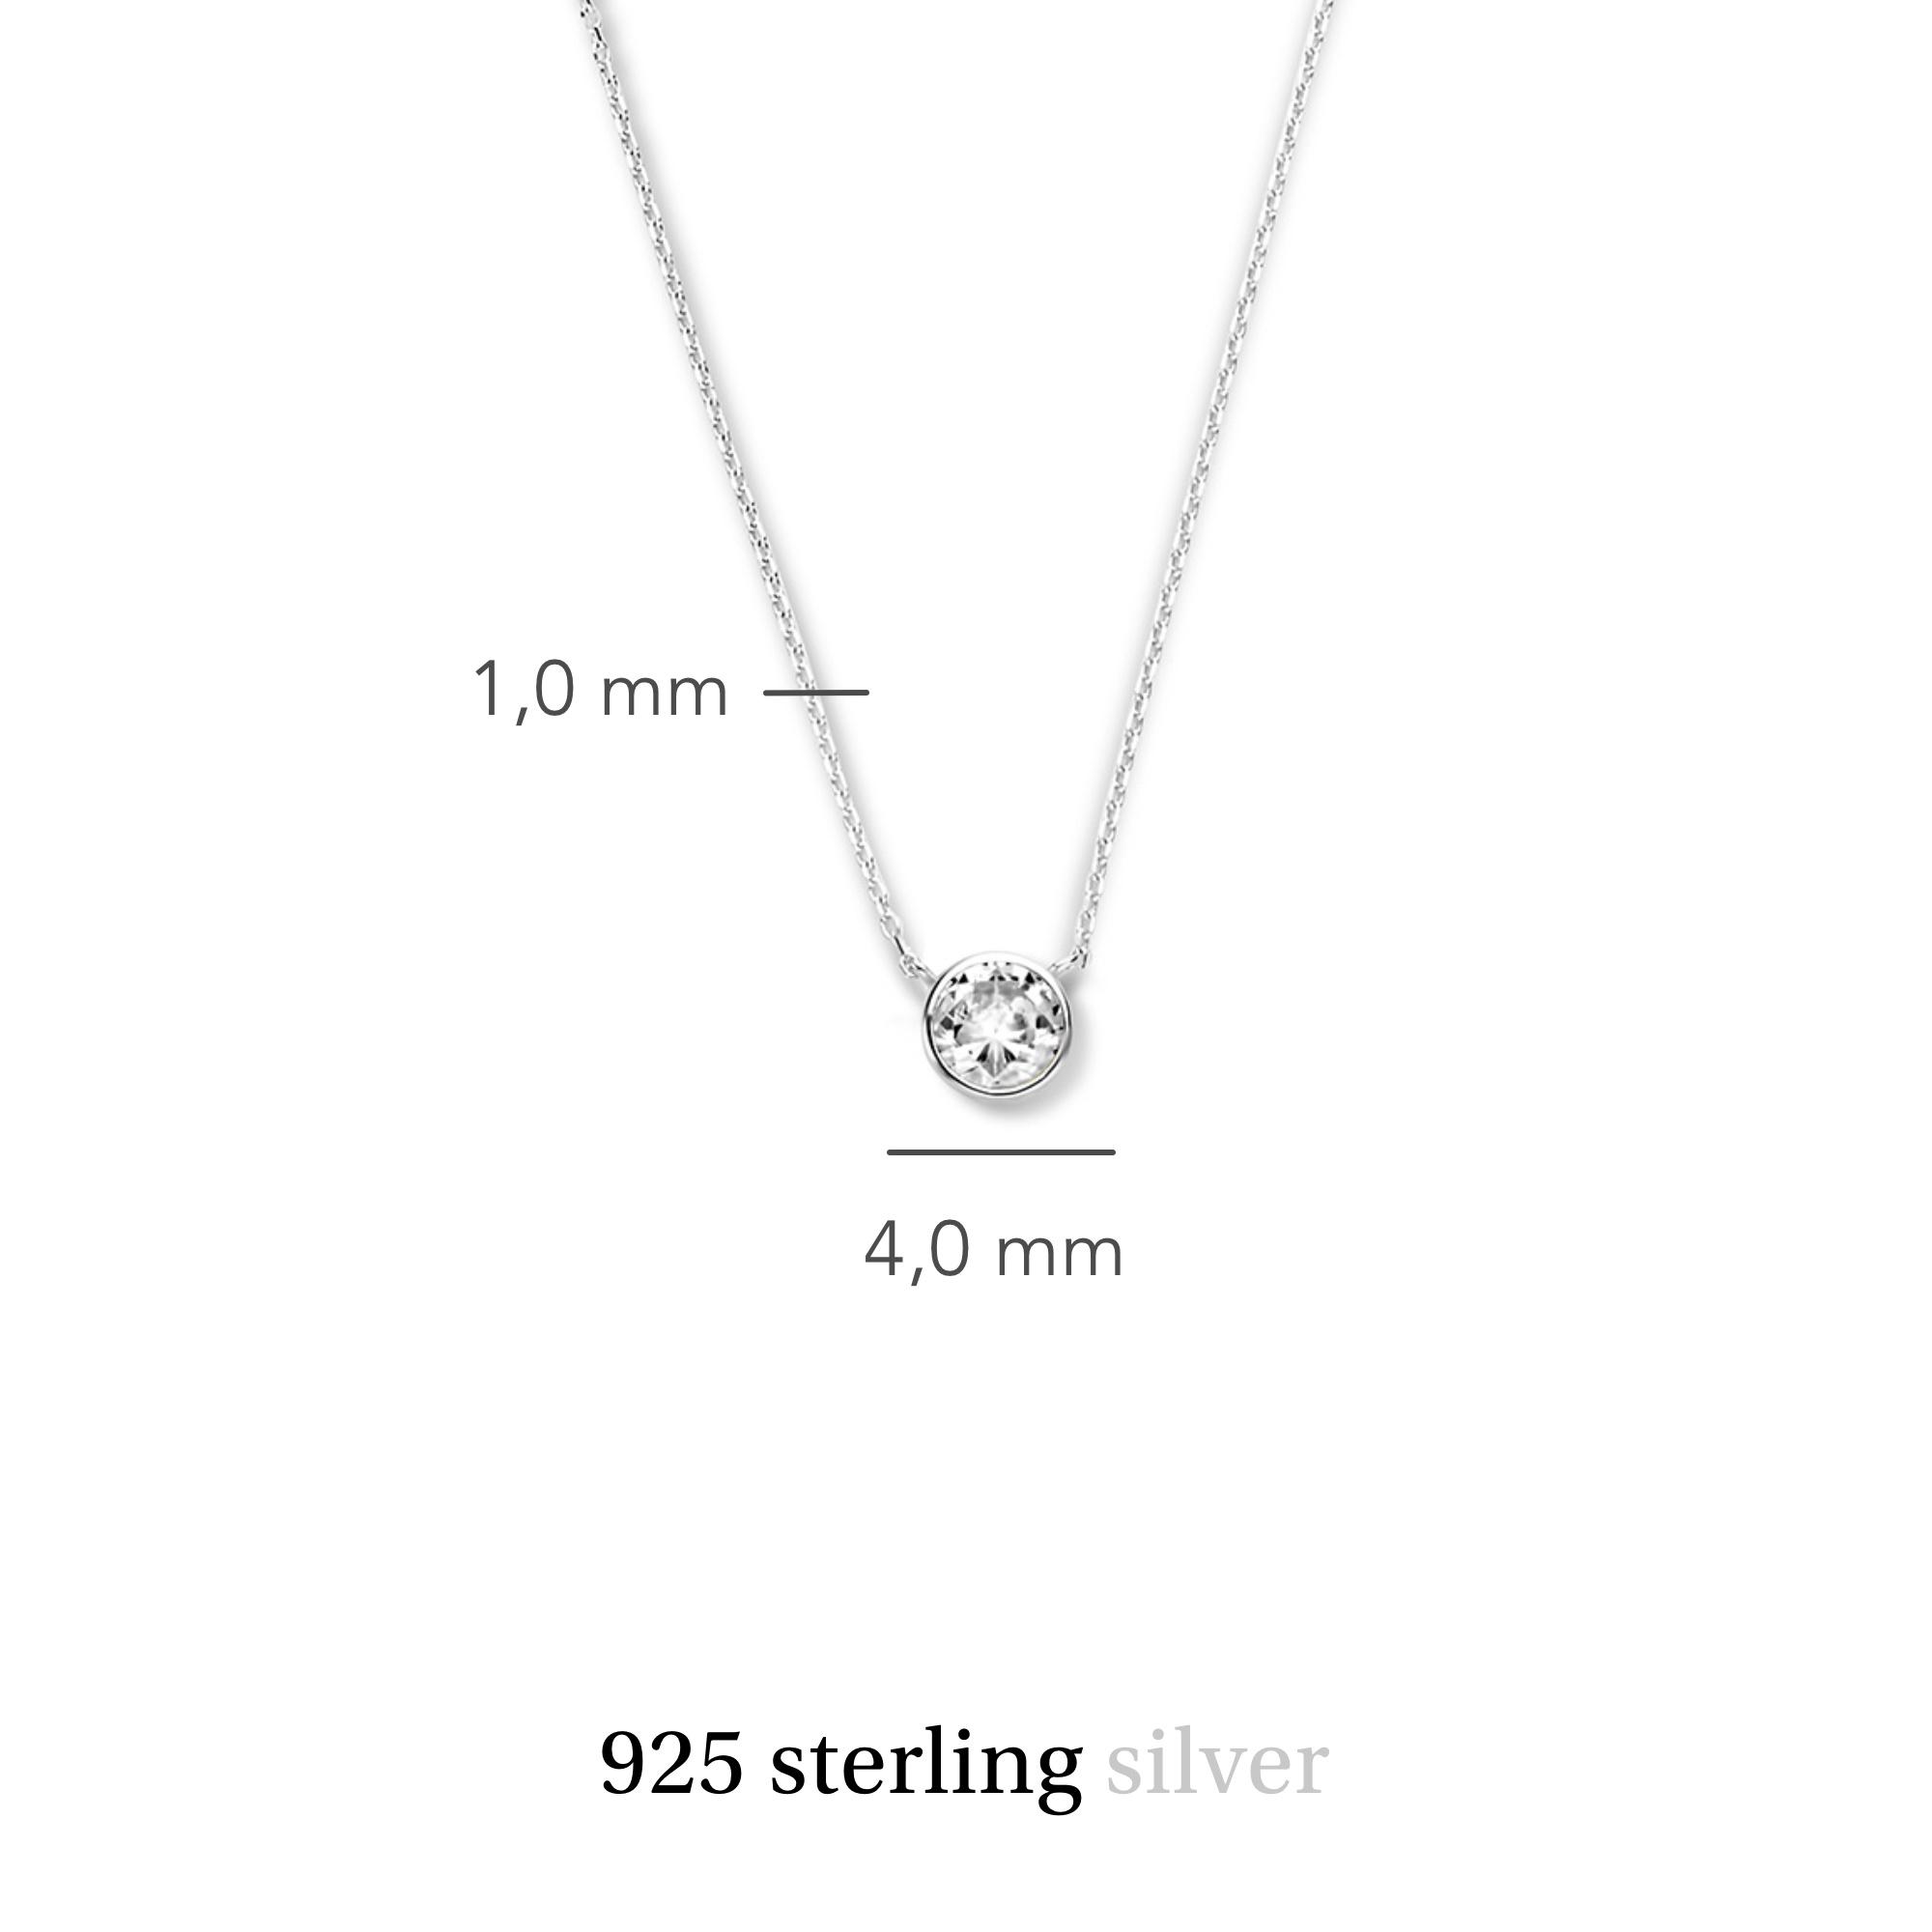 Violet Hamden Venus collier en argent sterling 925 avec pierre de naissance